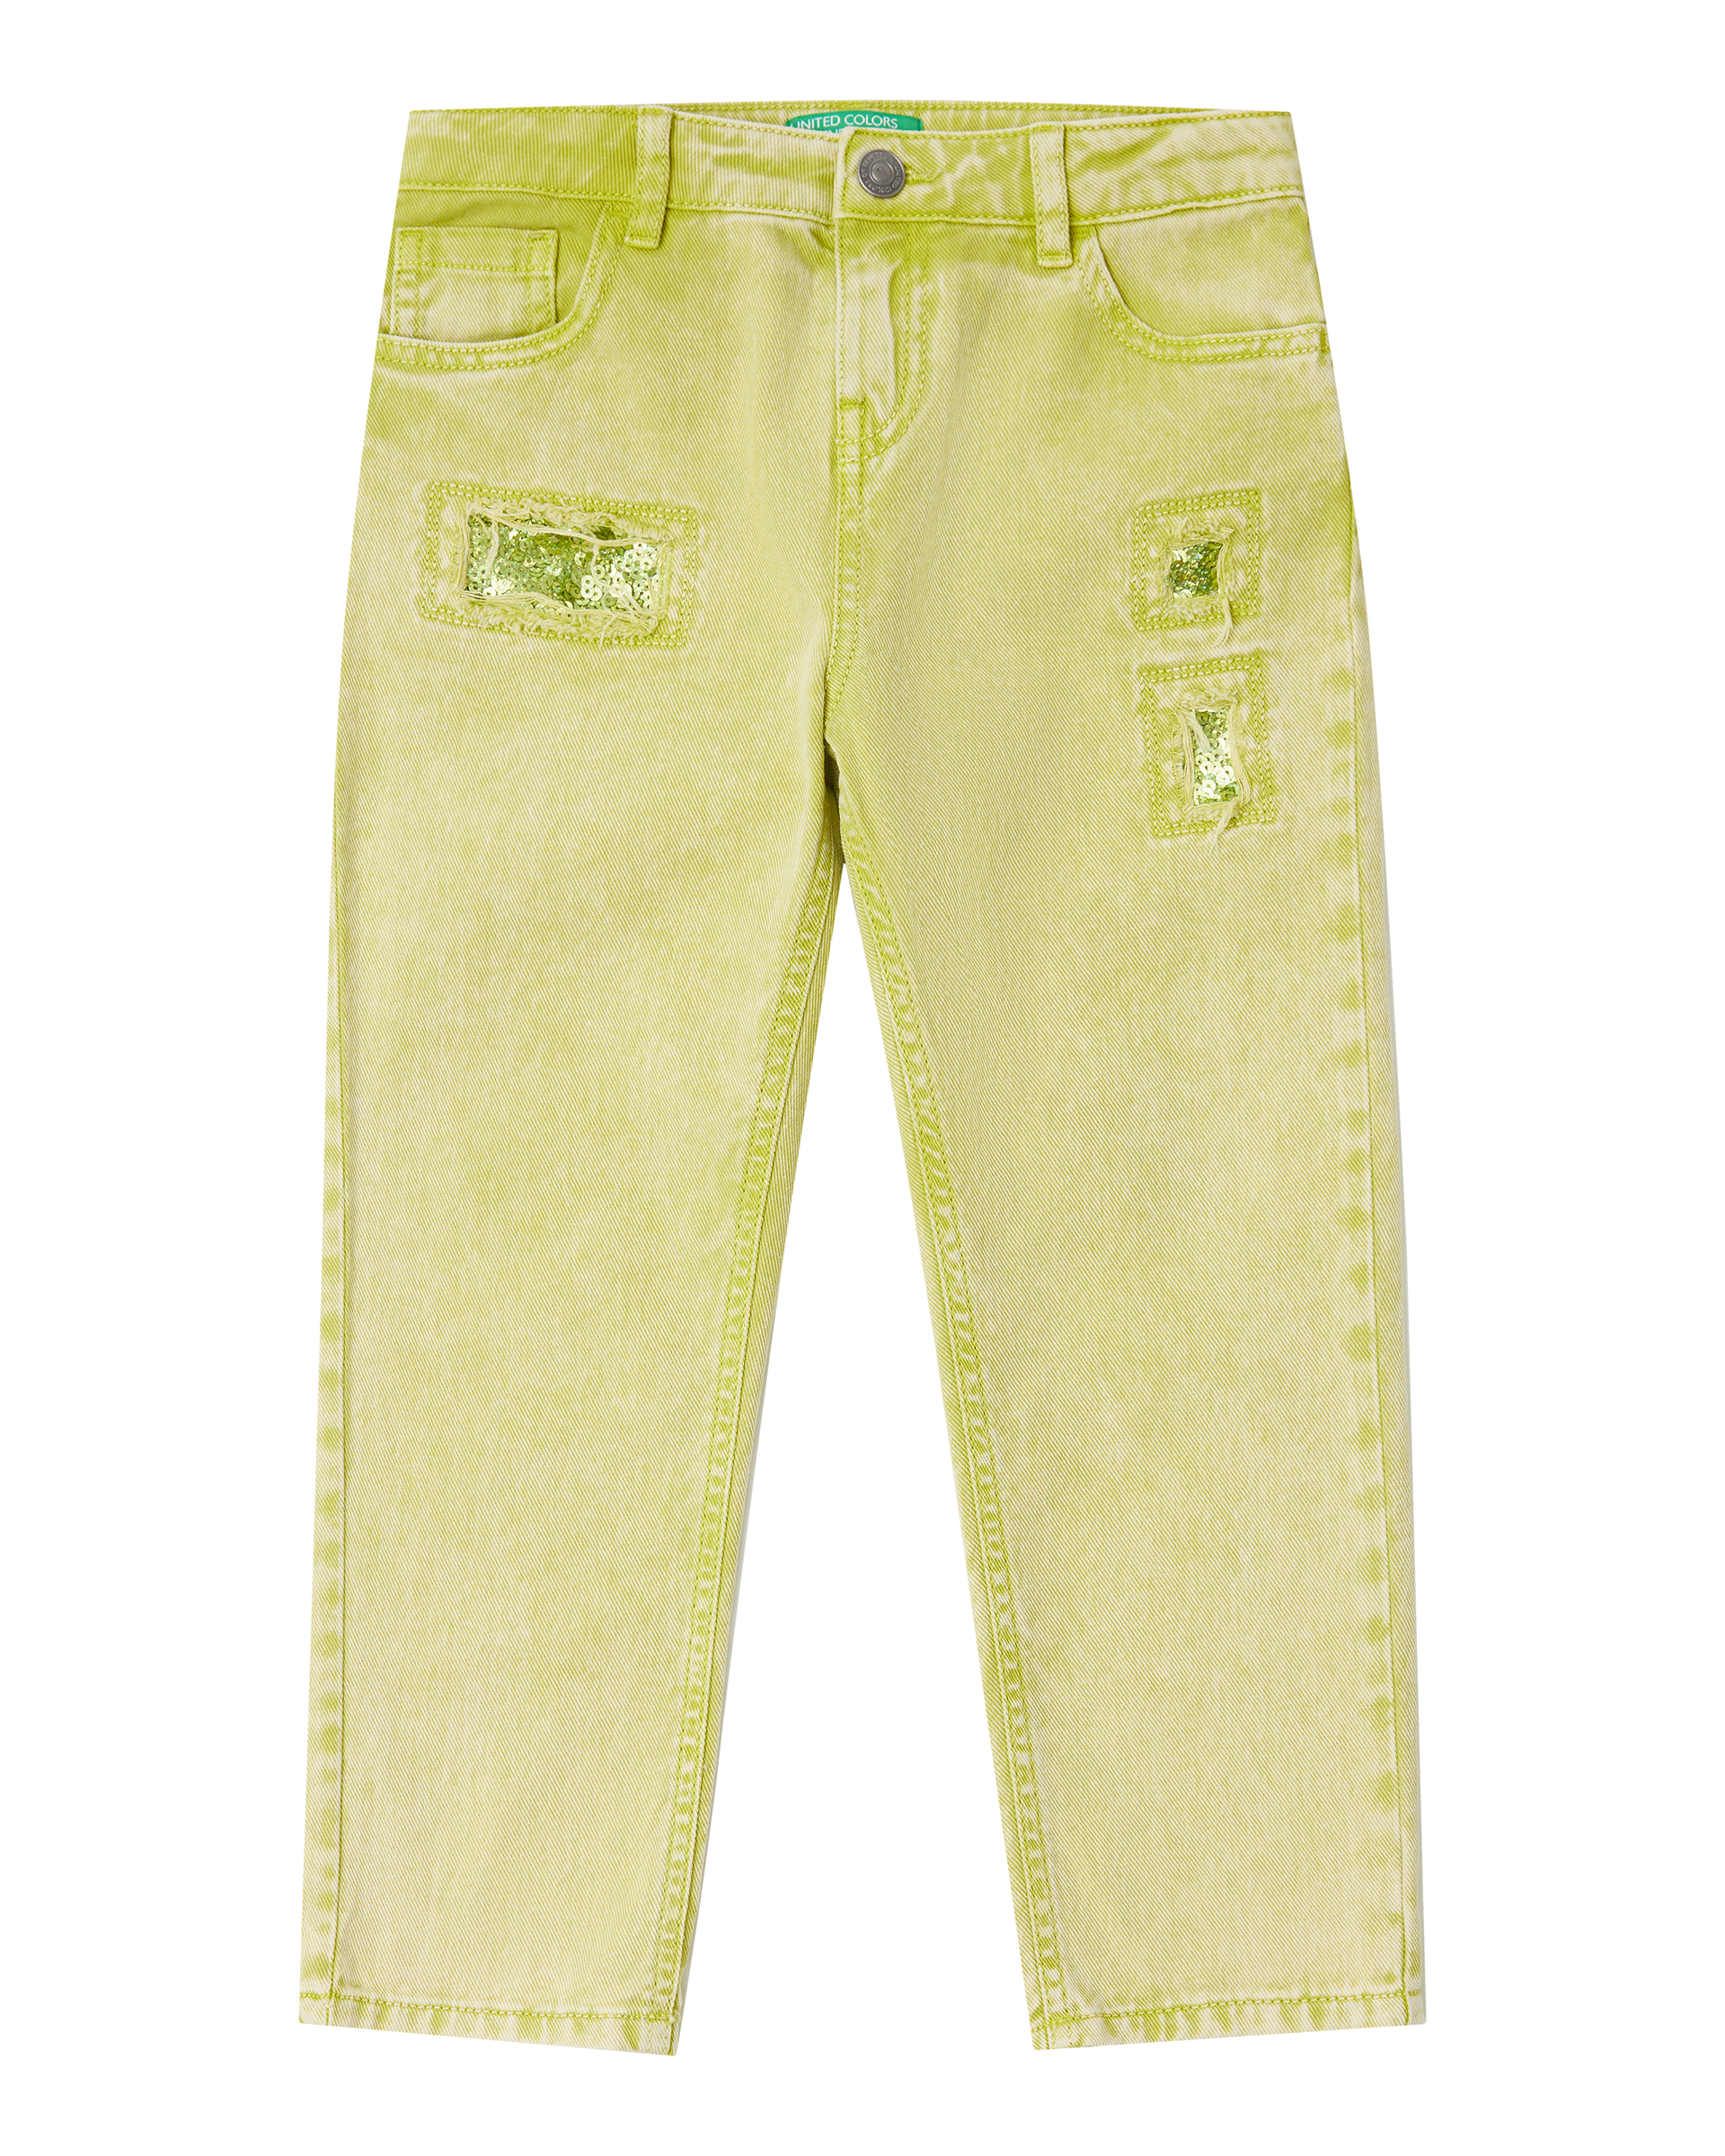 Купить 20P_4PL355B60_902, Брюки для девочек Benetton 4PL355B60_902 р-р 128, United Colors of Benetton, Джинсы для девочек